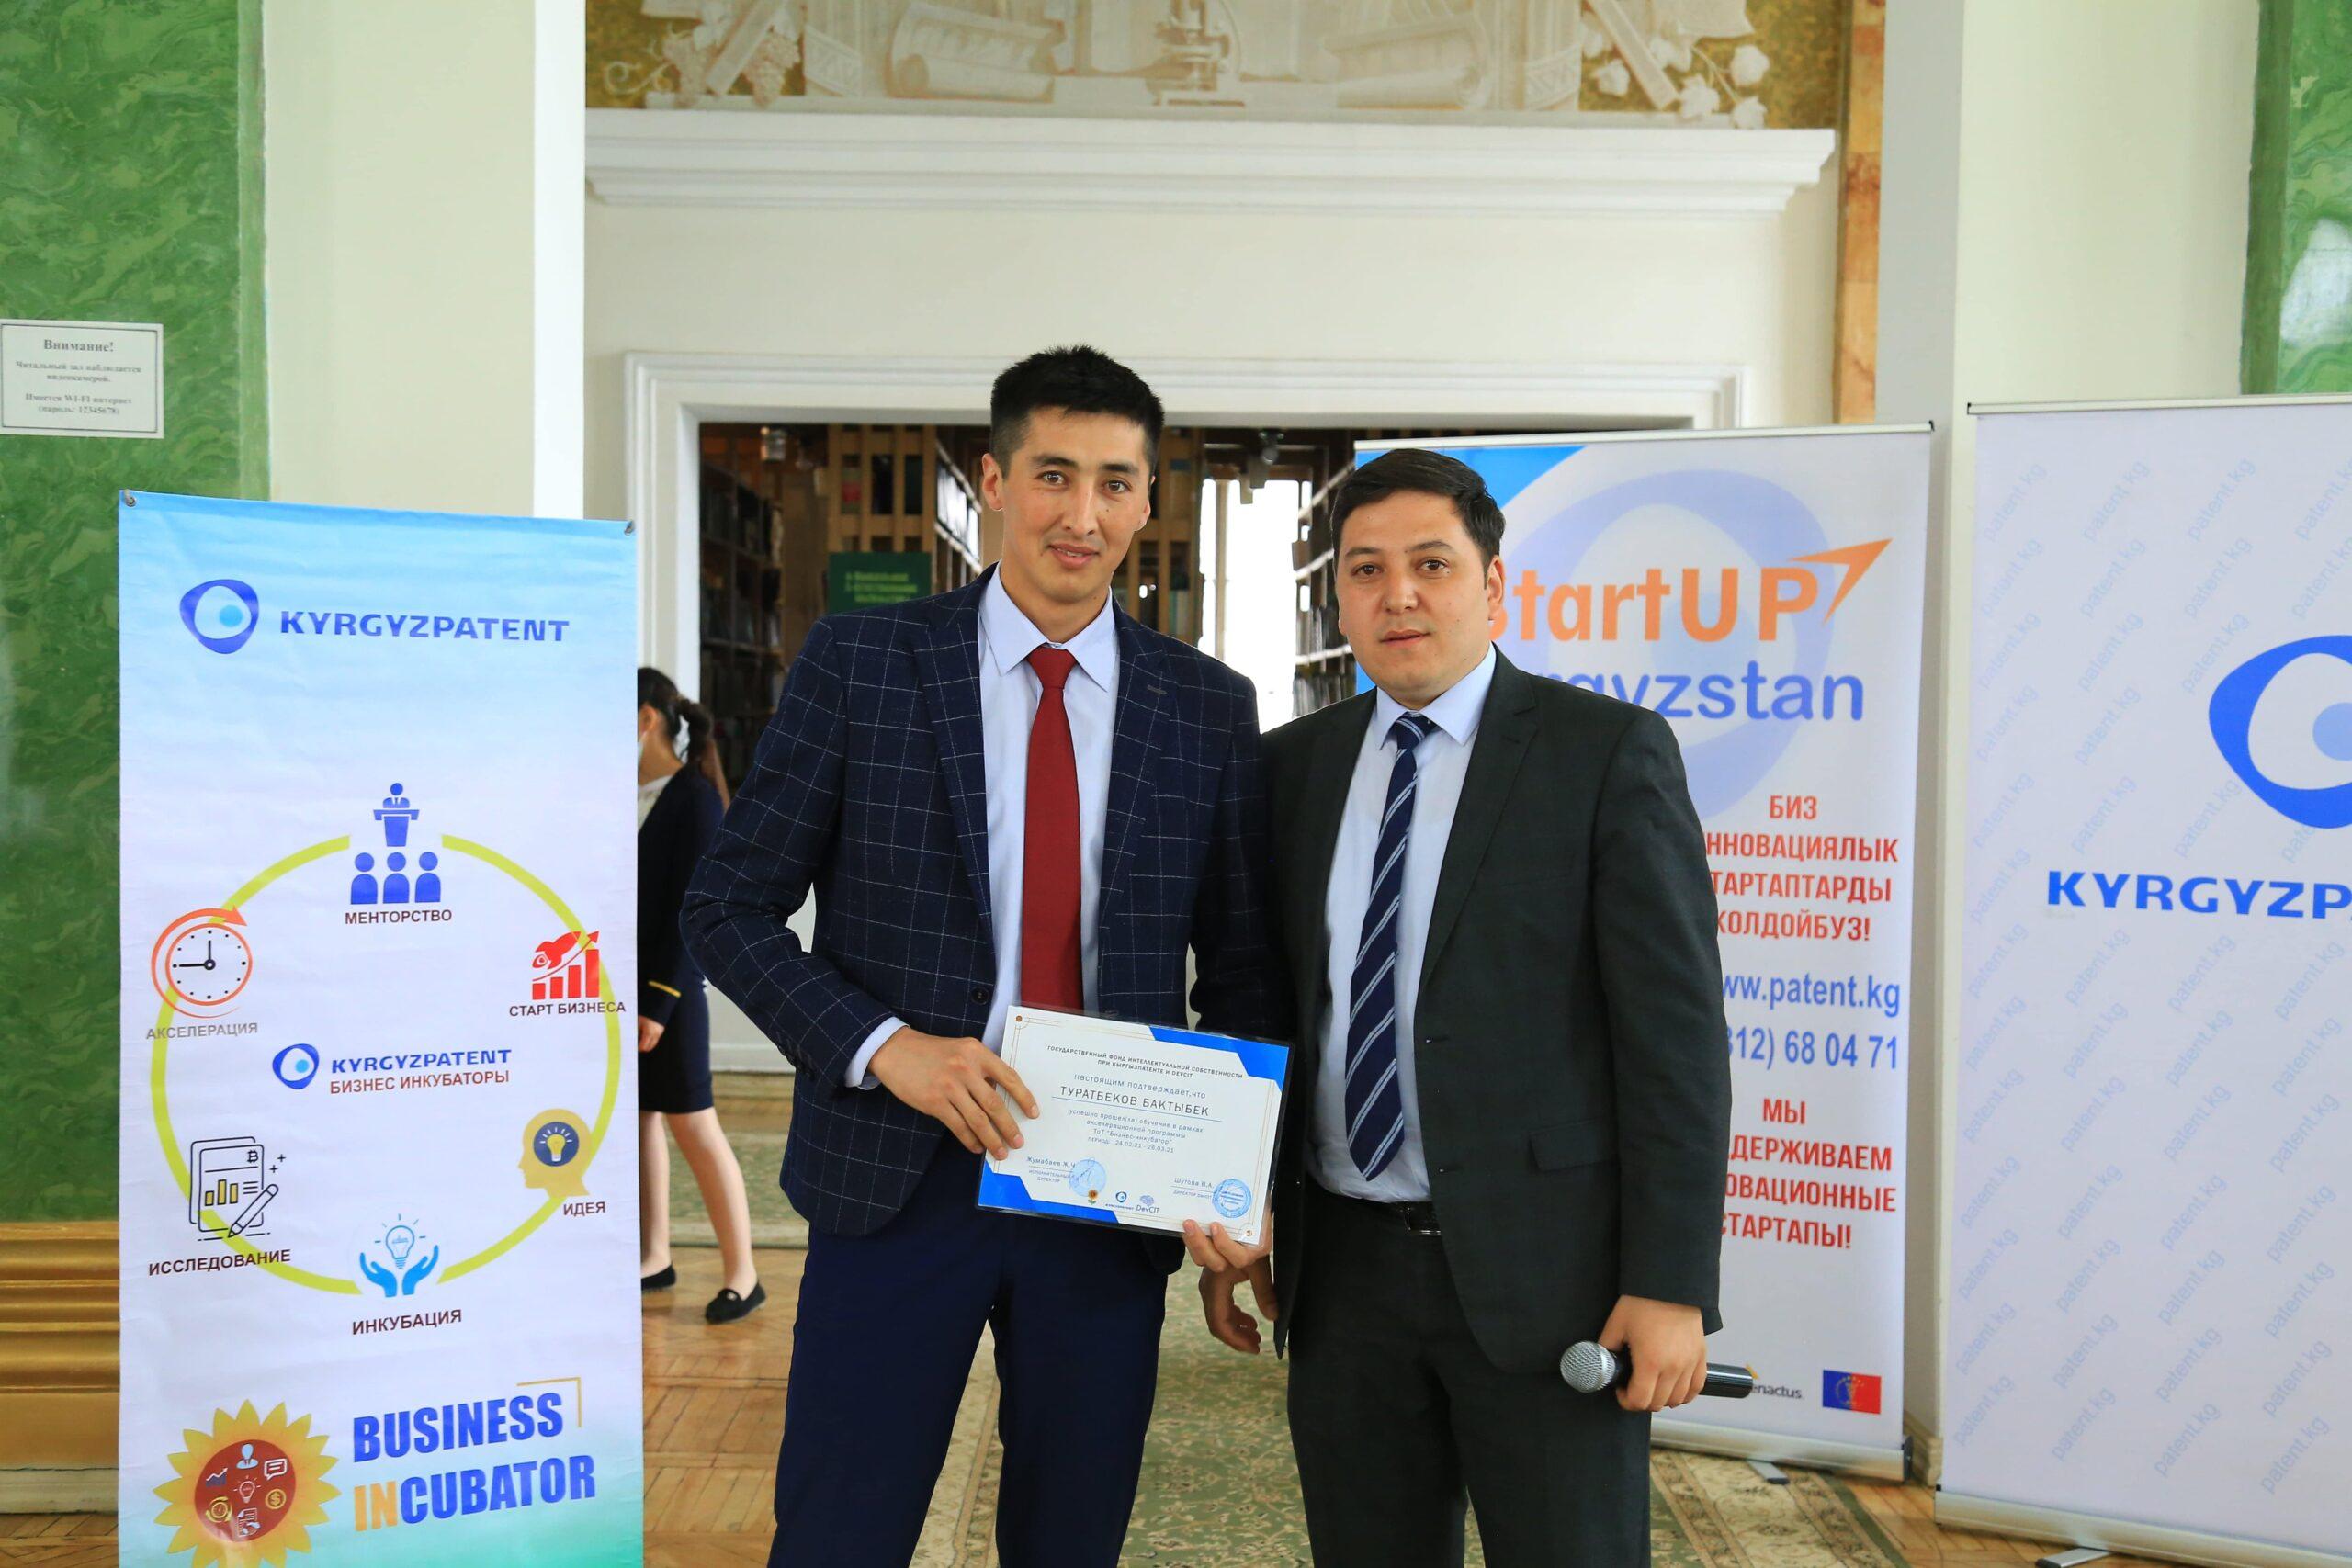 Кыргызпатент с ноября 2020 года запустил конкурс